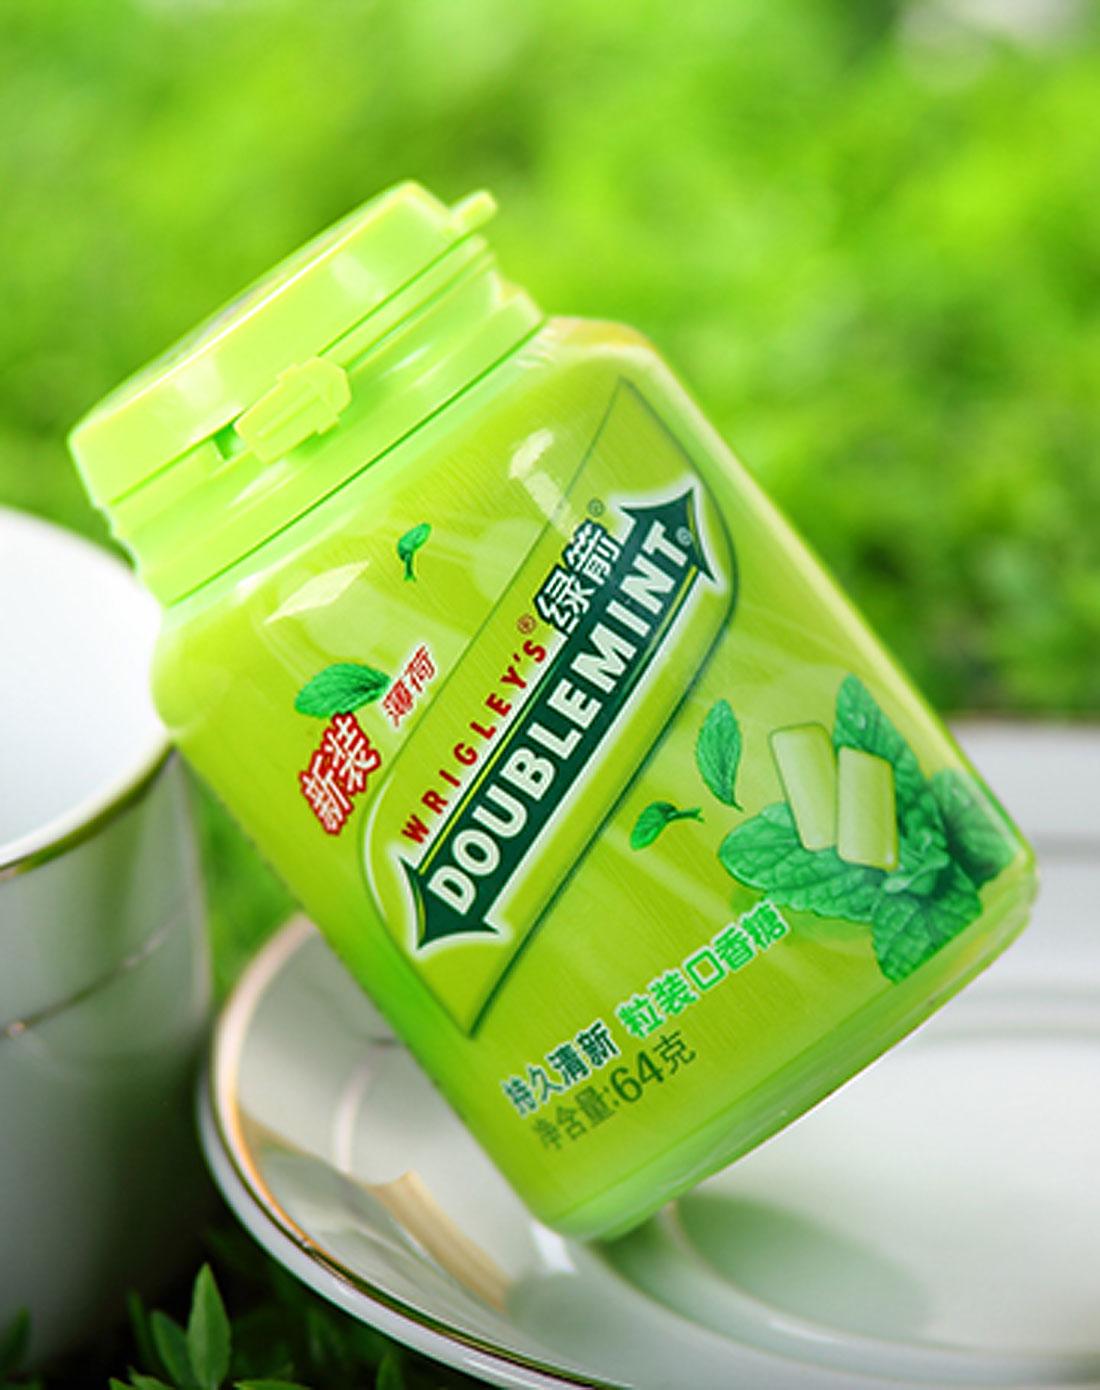 零食天地绿箭 口香糖(新薄荷味)